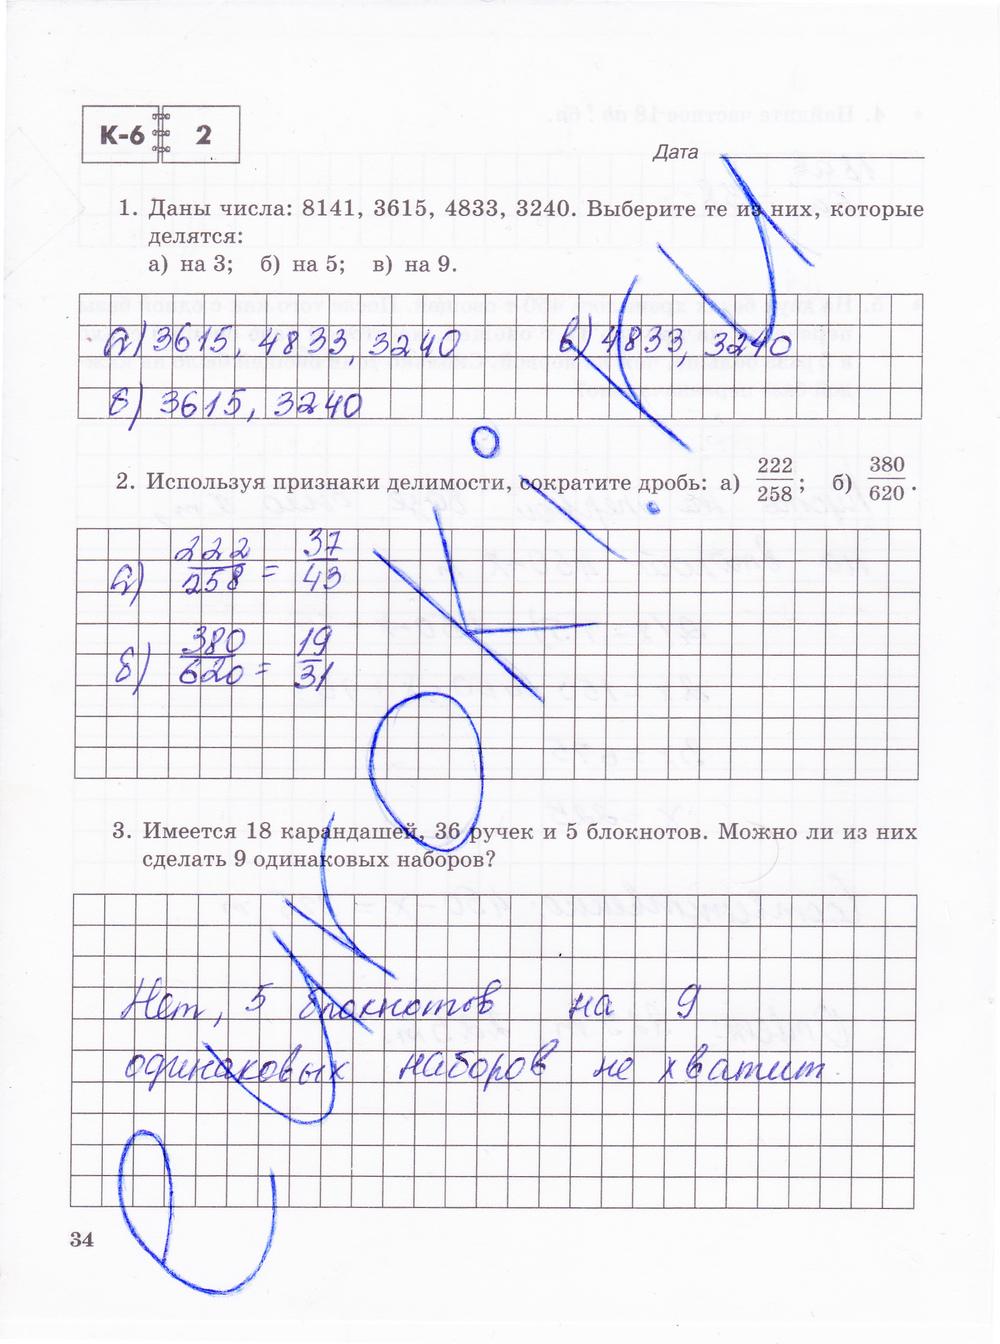 ГДЗ по математике 6 класс тетрадь для контрольных работ Зубарева, Лепешонкова Мнемозина Часть 1, 2 ответы и решения онлайн. Задание: стр. 34